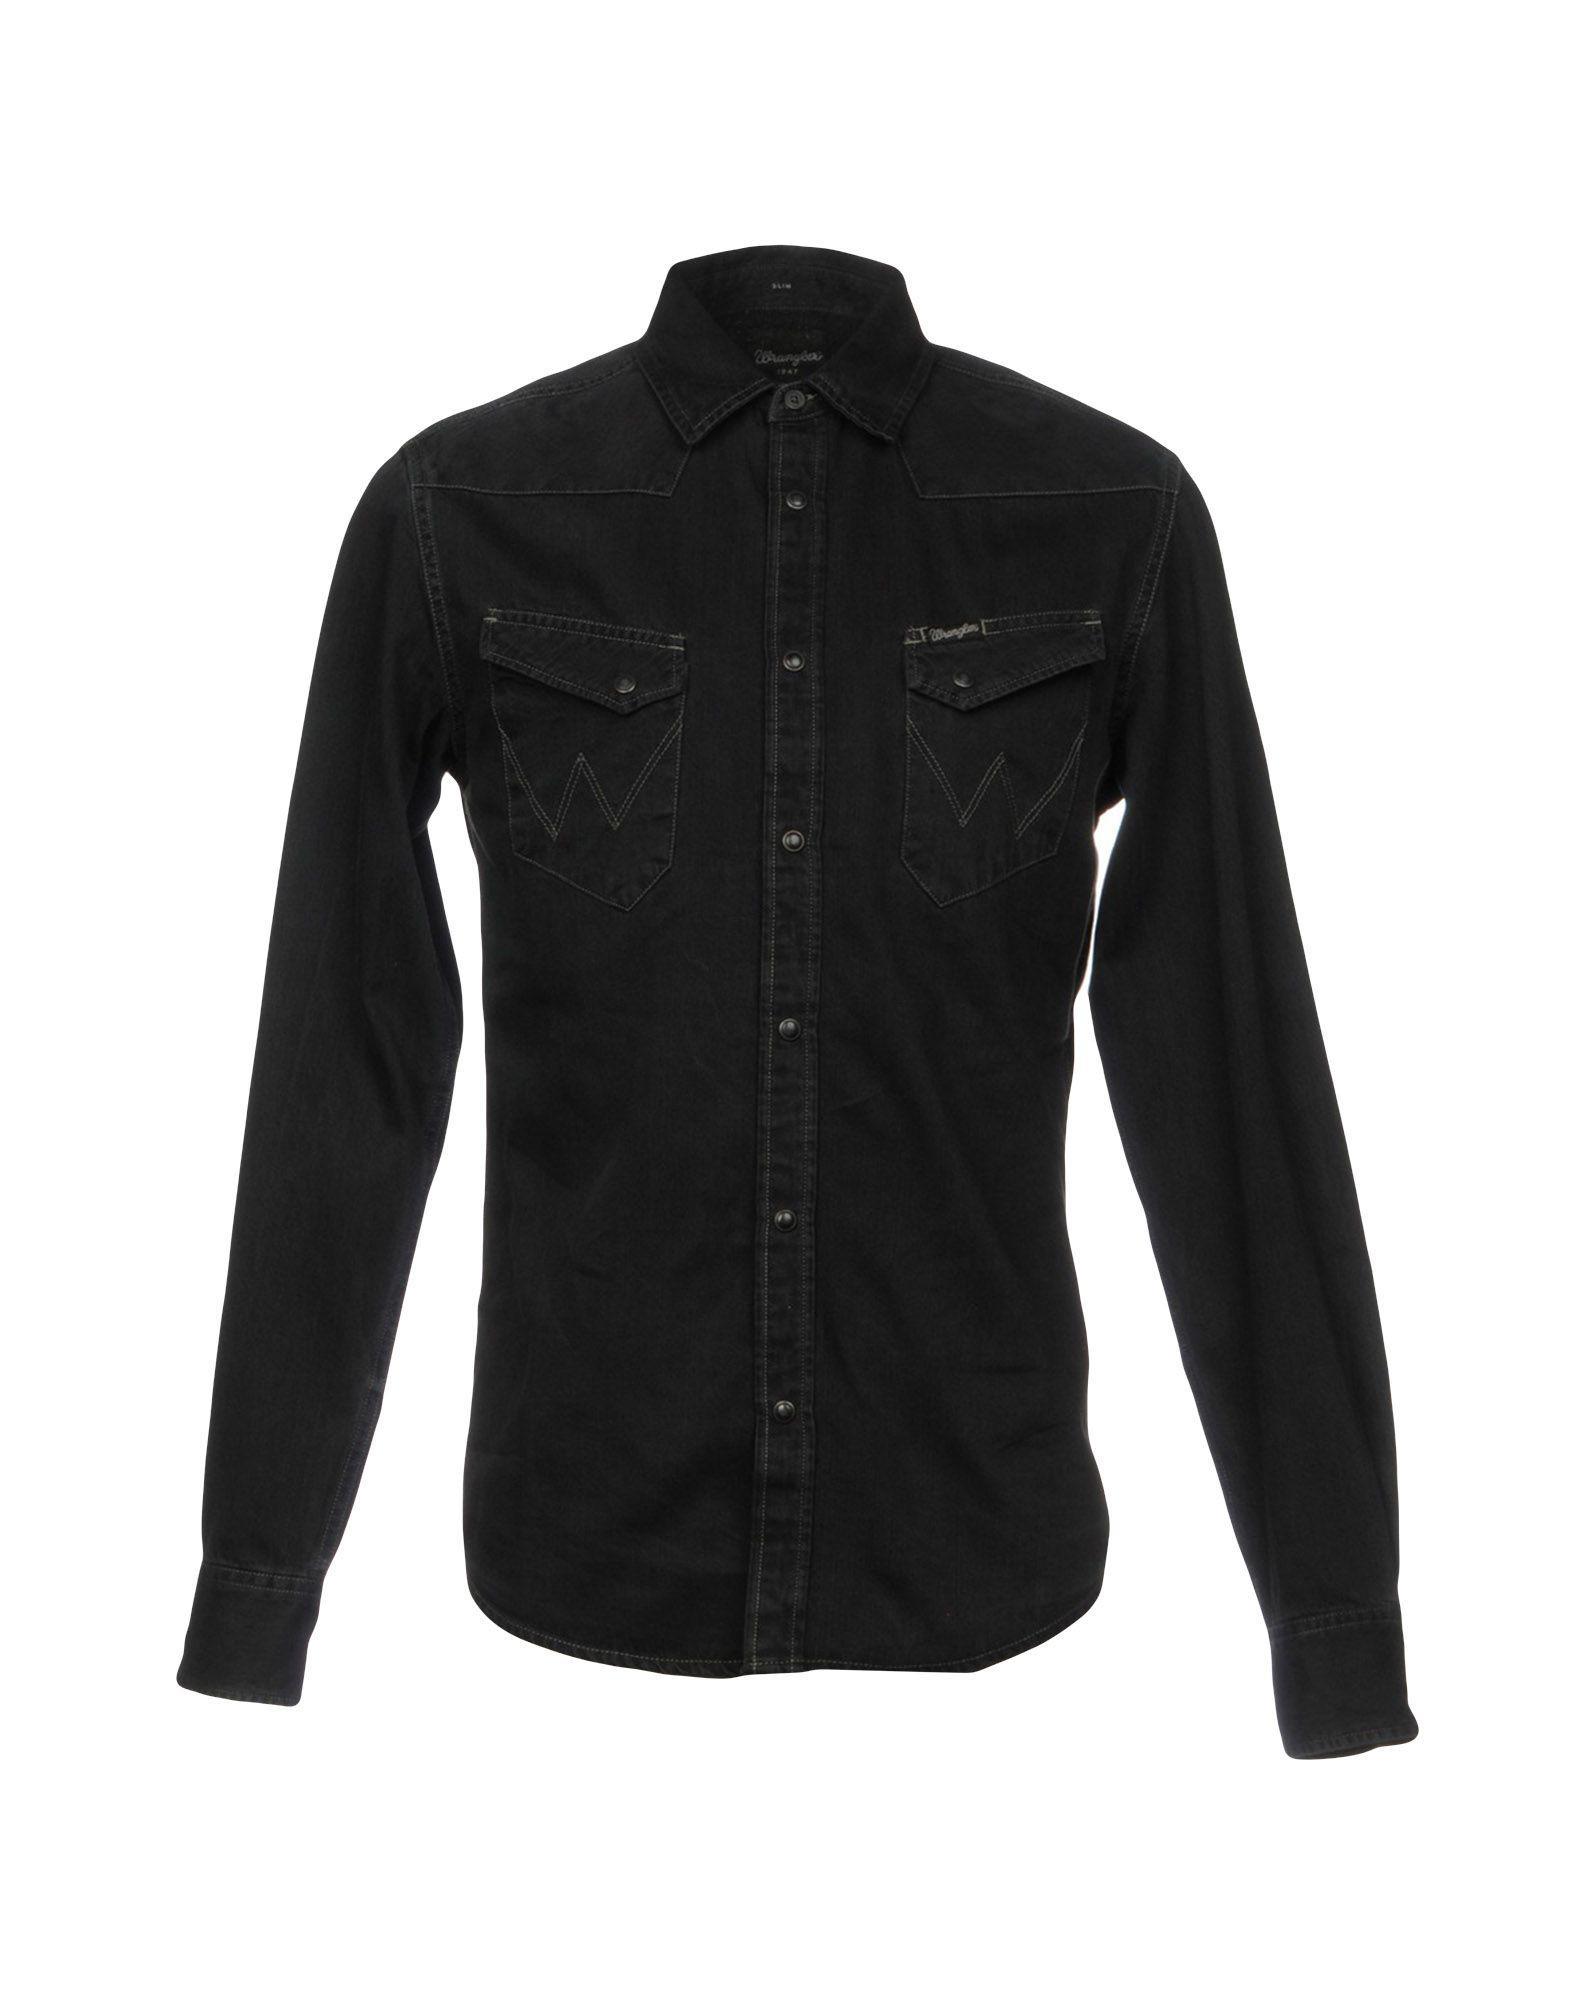 Lyst wrangler denim shirt in black for men for Wrangler denim shirts uk